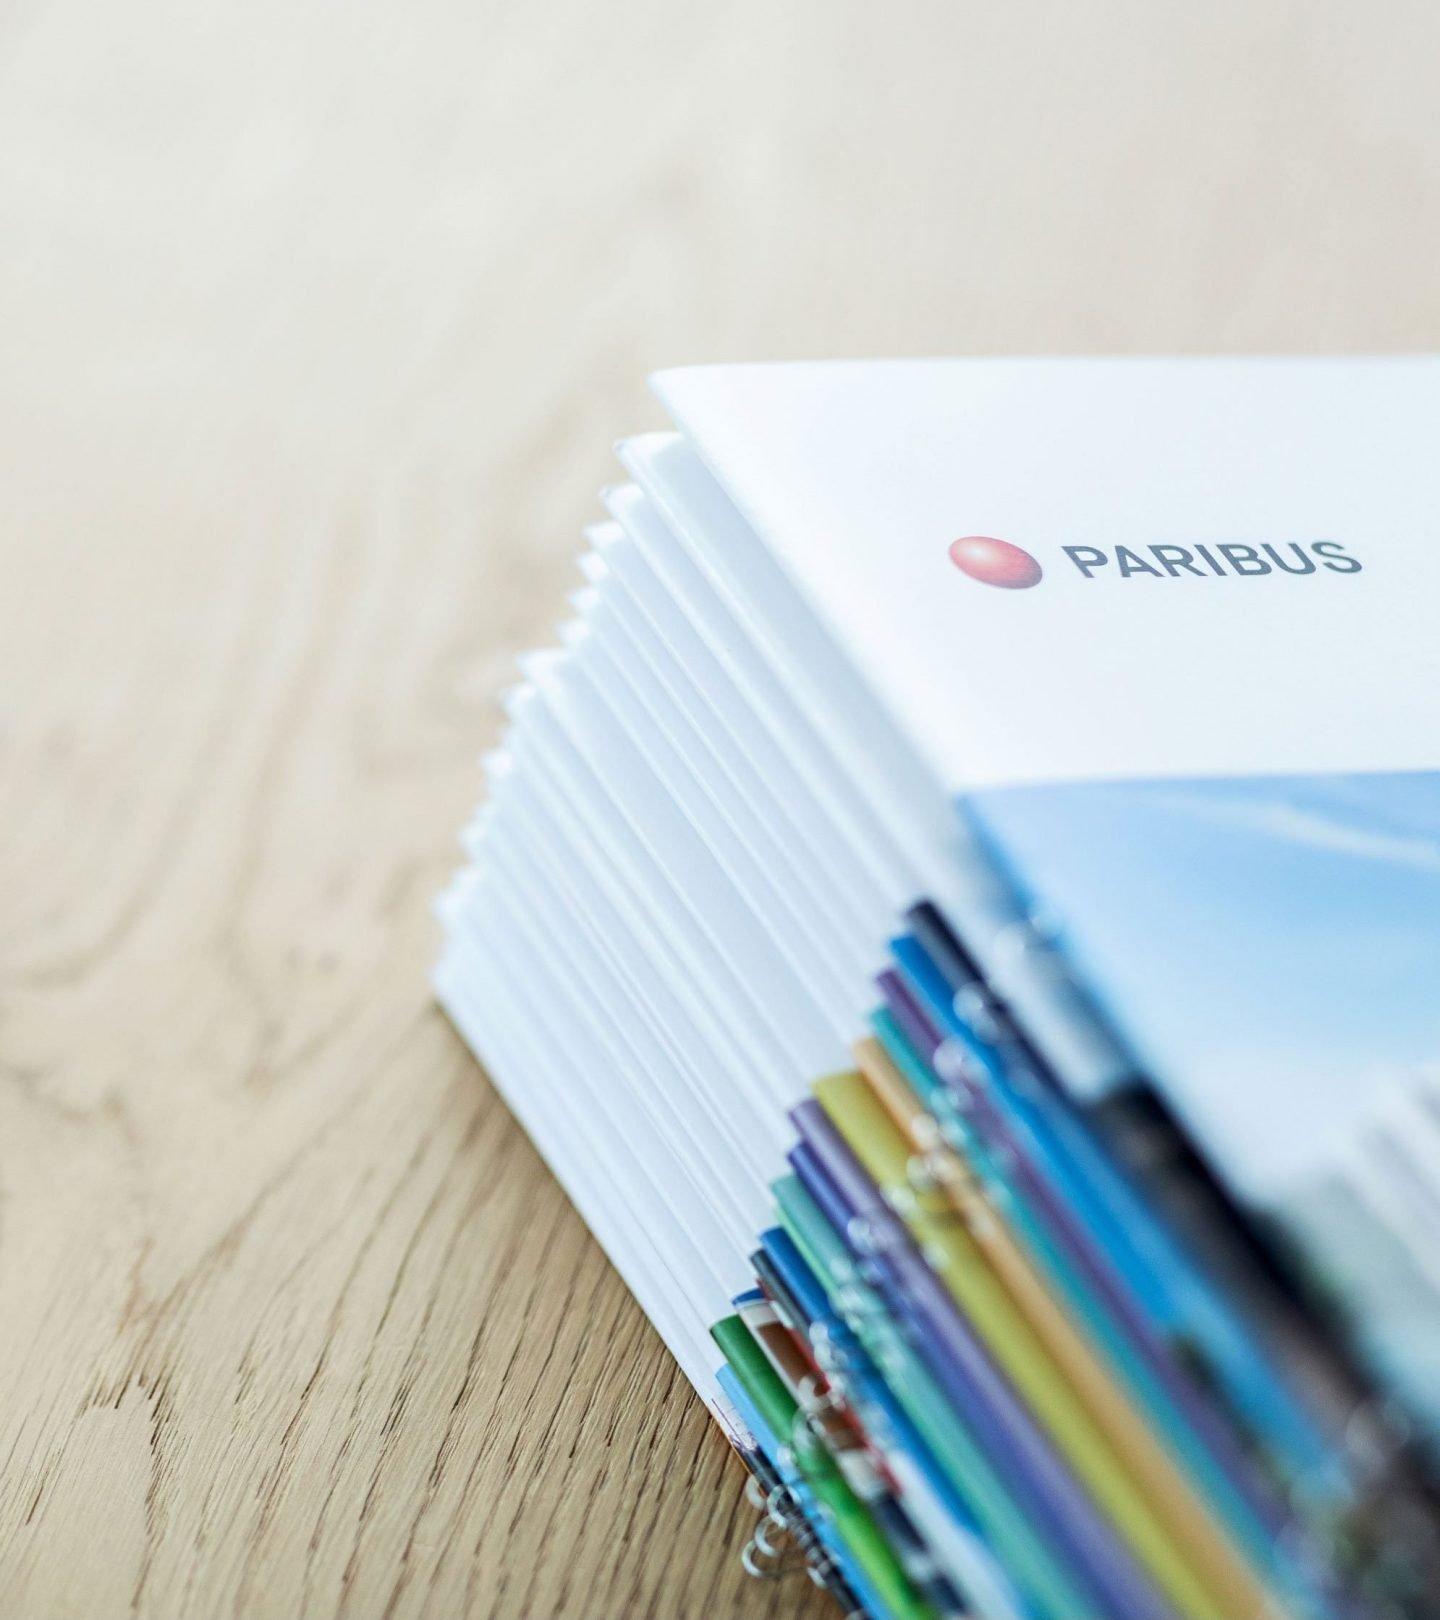 Paribus-Fondsgeschäftsberichte